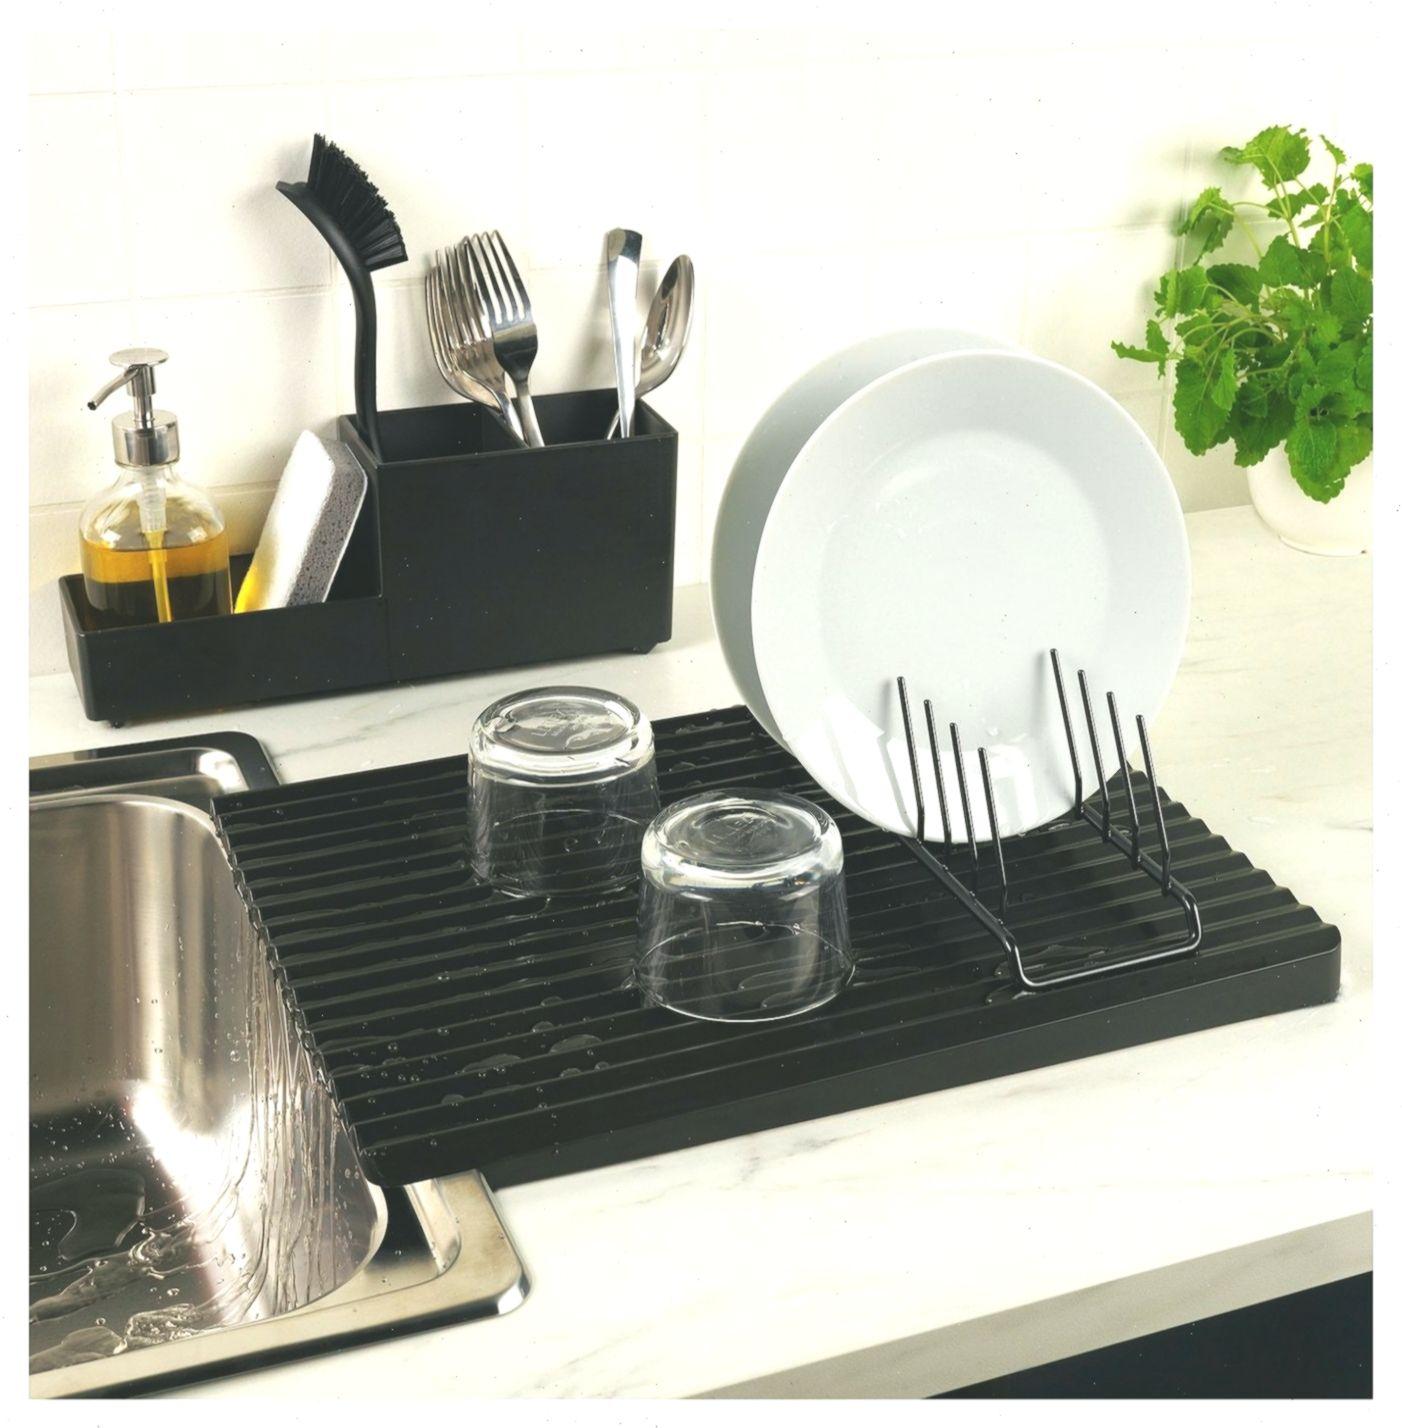 Ikea Rinnig Plate Holder Ikeakche Ikeakitchenaccessories Kitchen Kche Ikea Kitchen Accessories Ikea Kitchen Kitchen Utensil Rack